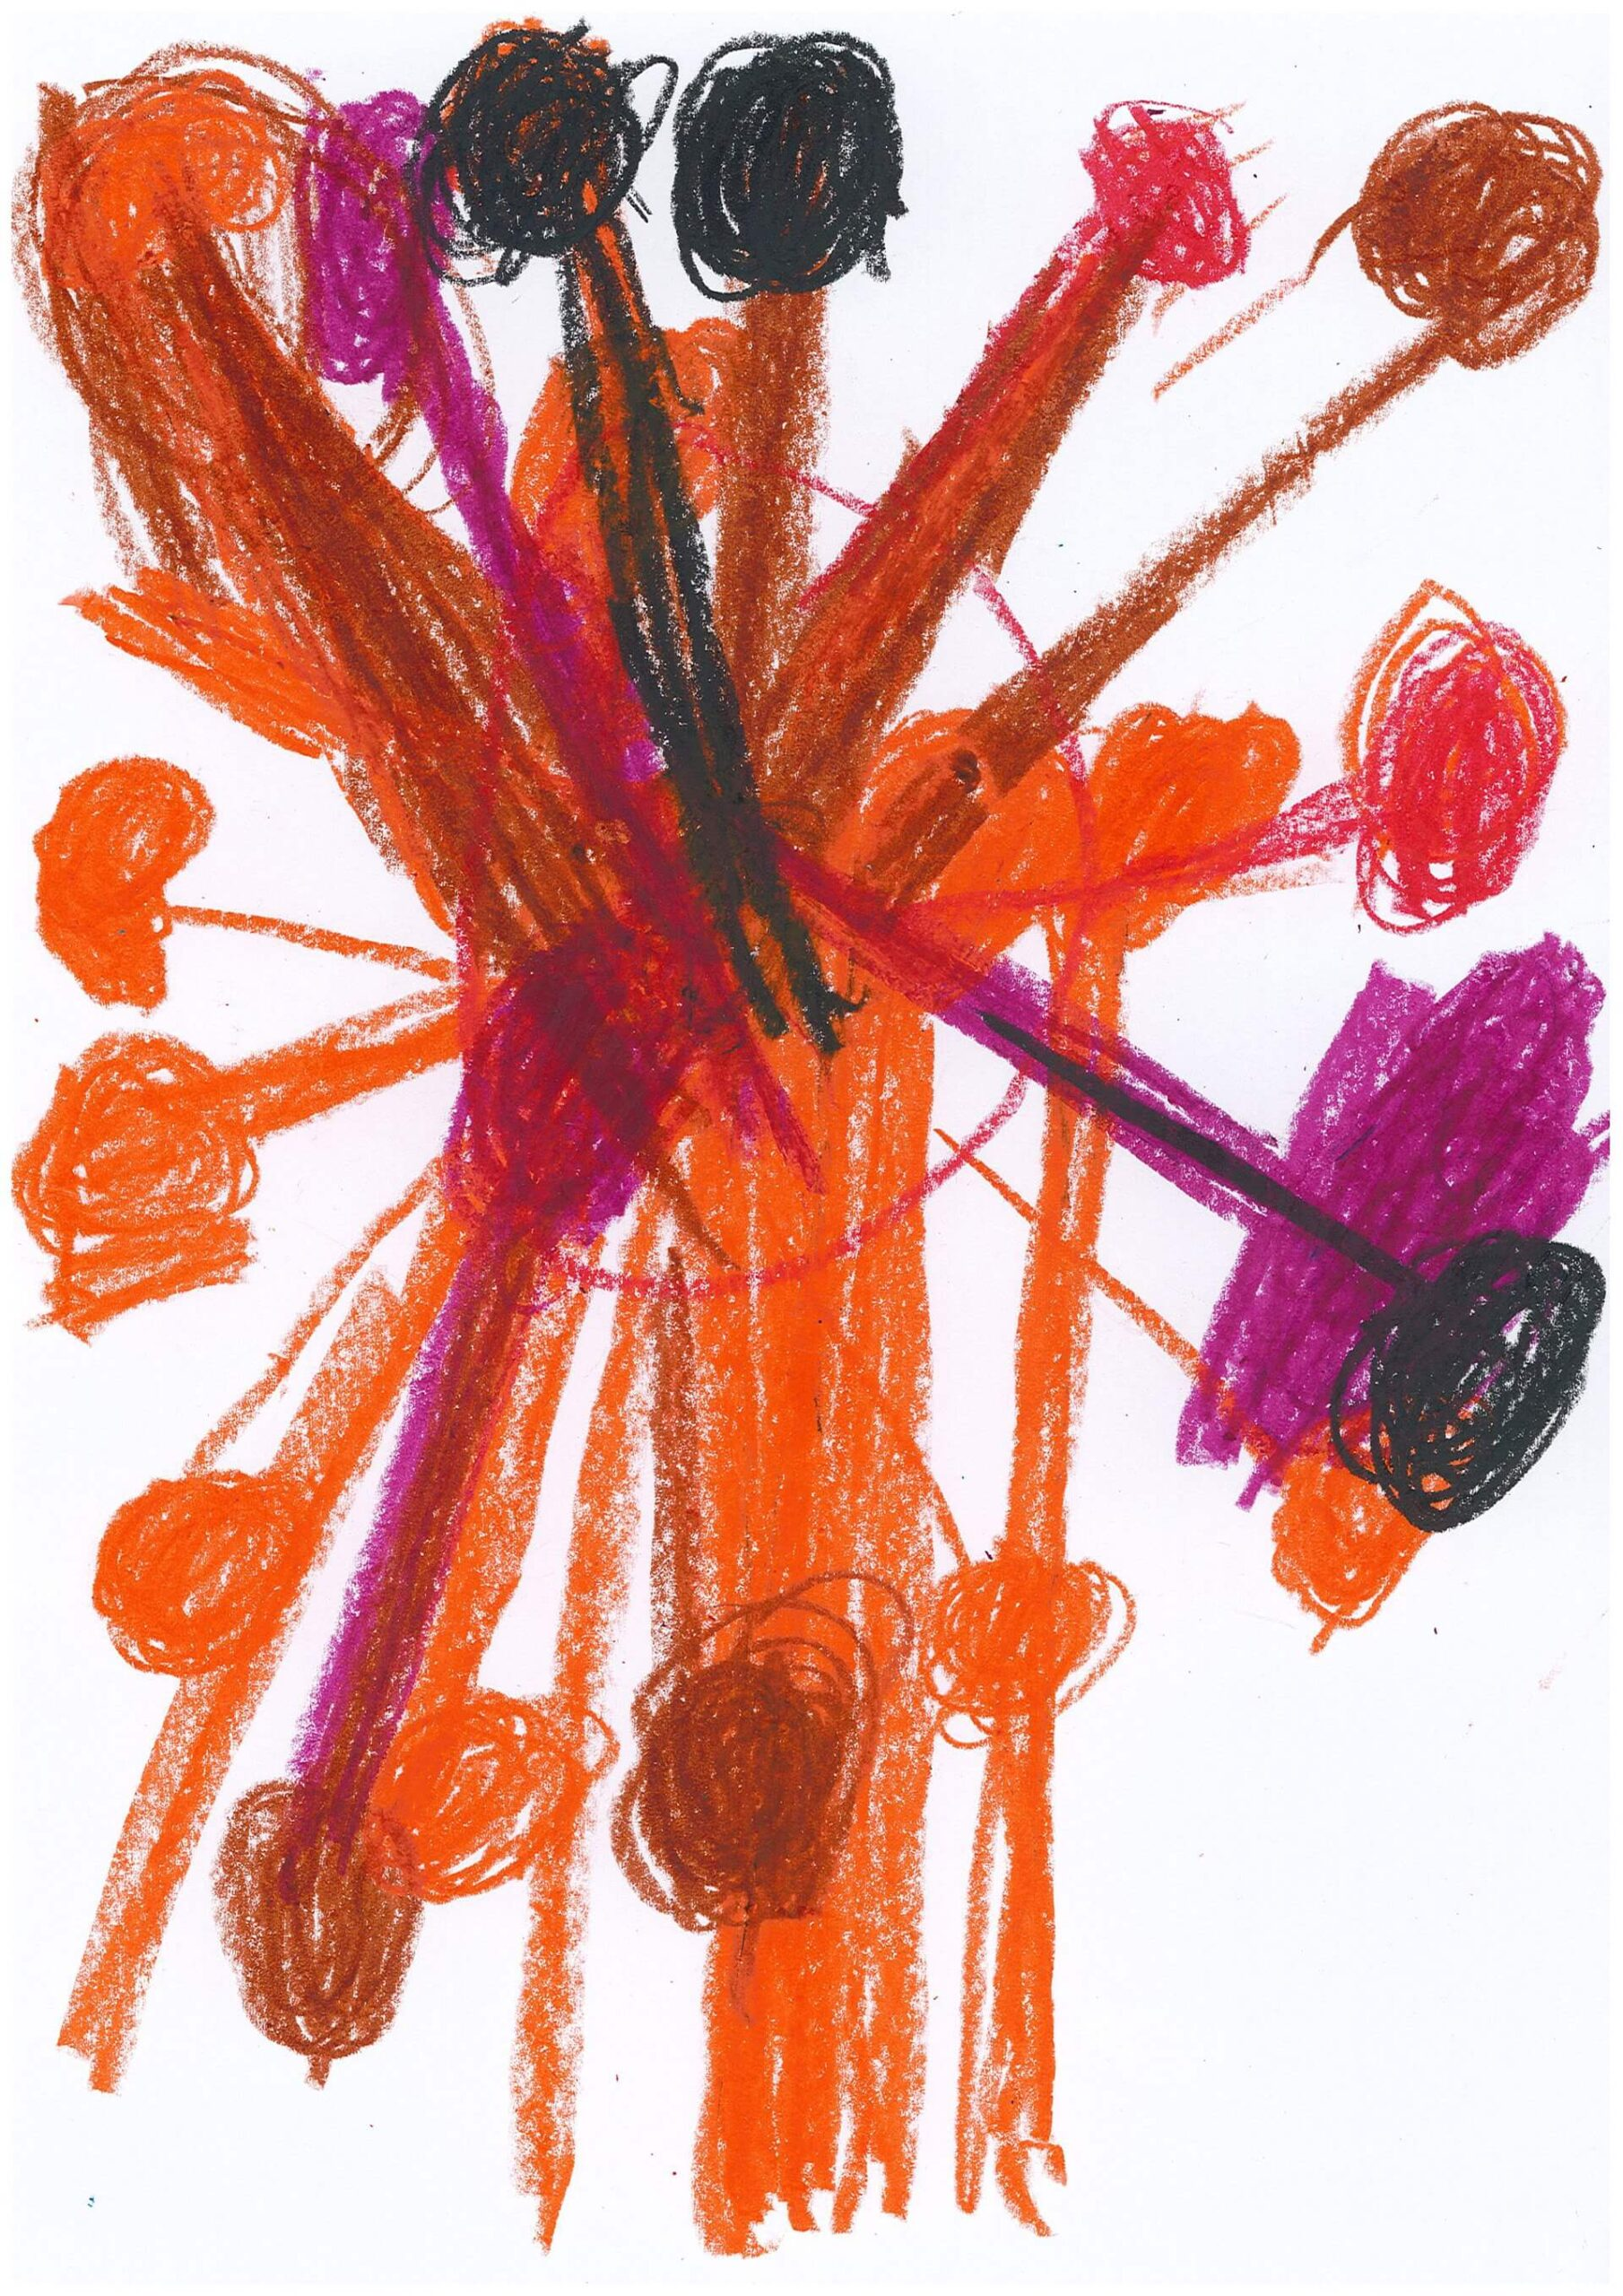 Rot, orange, lila, braun und schwarz sind die Spike-Proteine von diesem Corona-Virus.